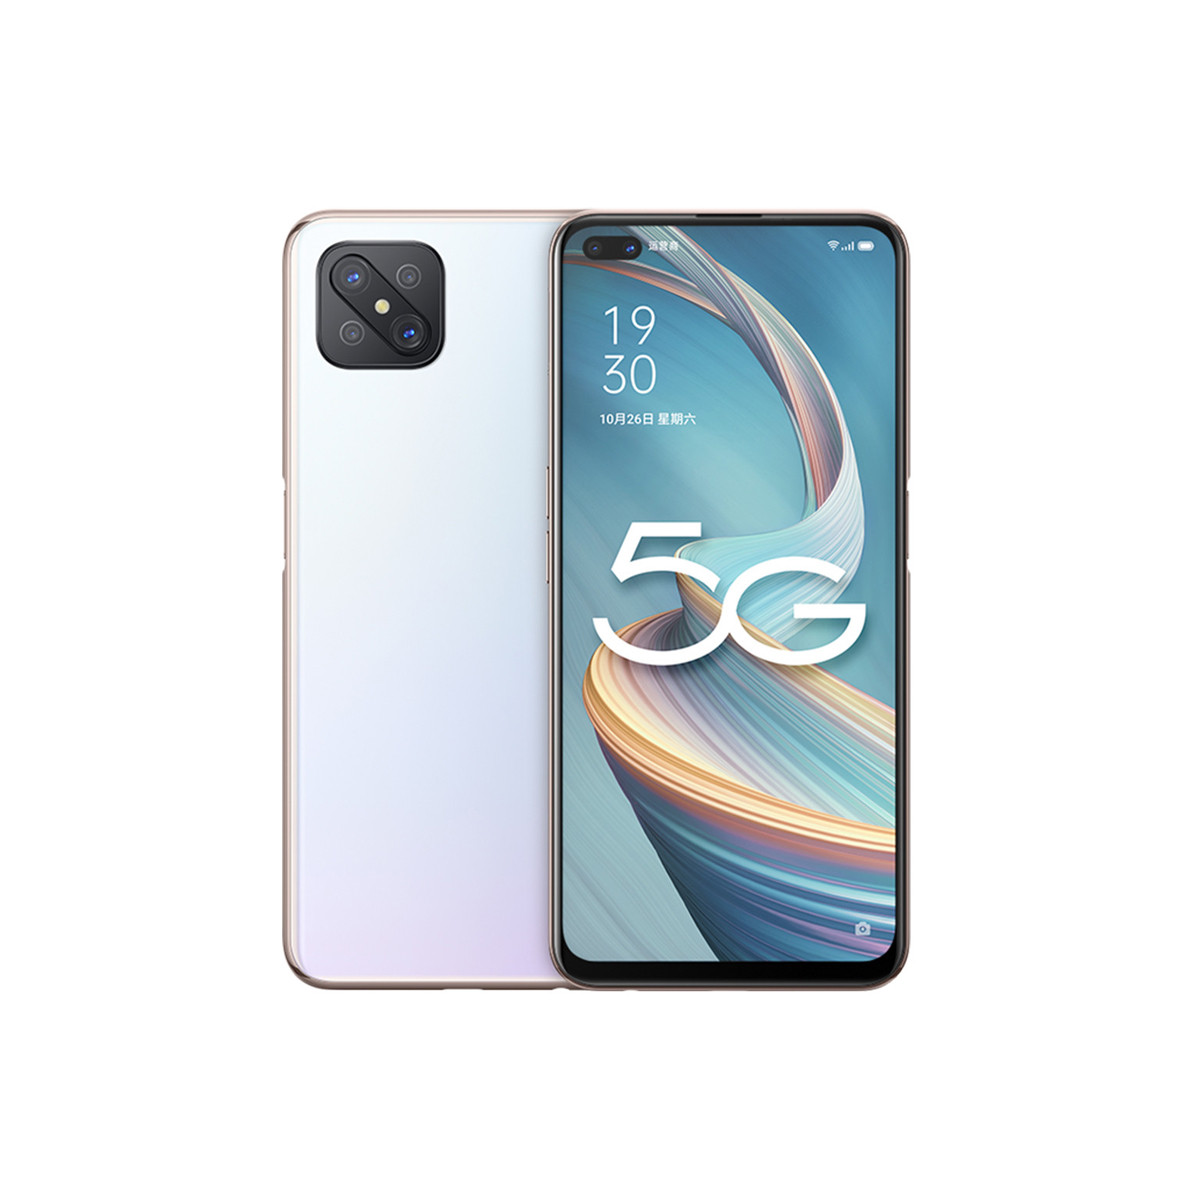 OPPOA92s【无线耳机套餐】5G手机全网通轻薄拍照智能手机A92s私语白6+128套餐D